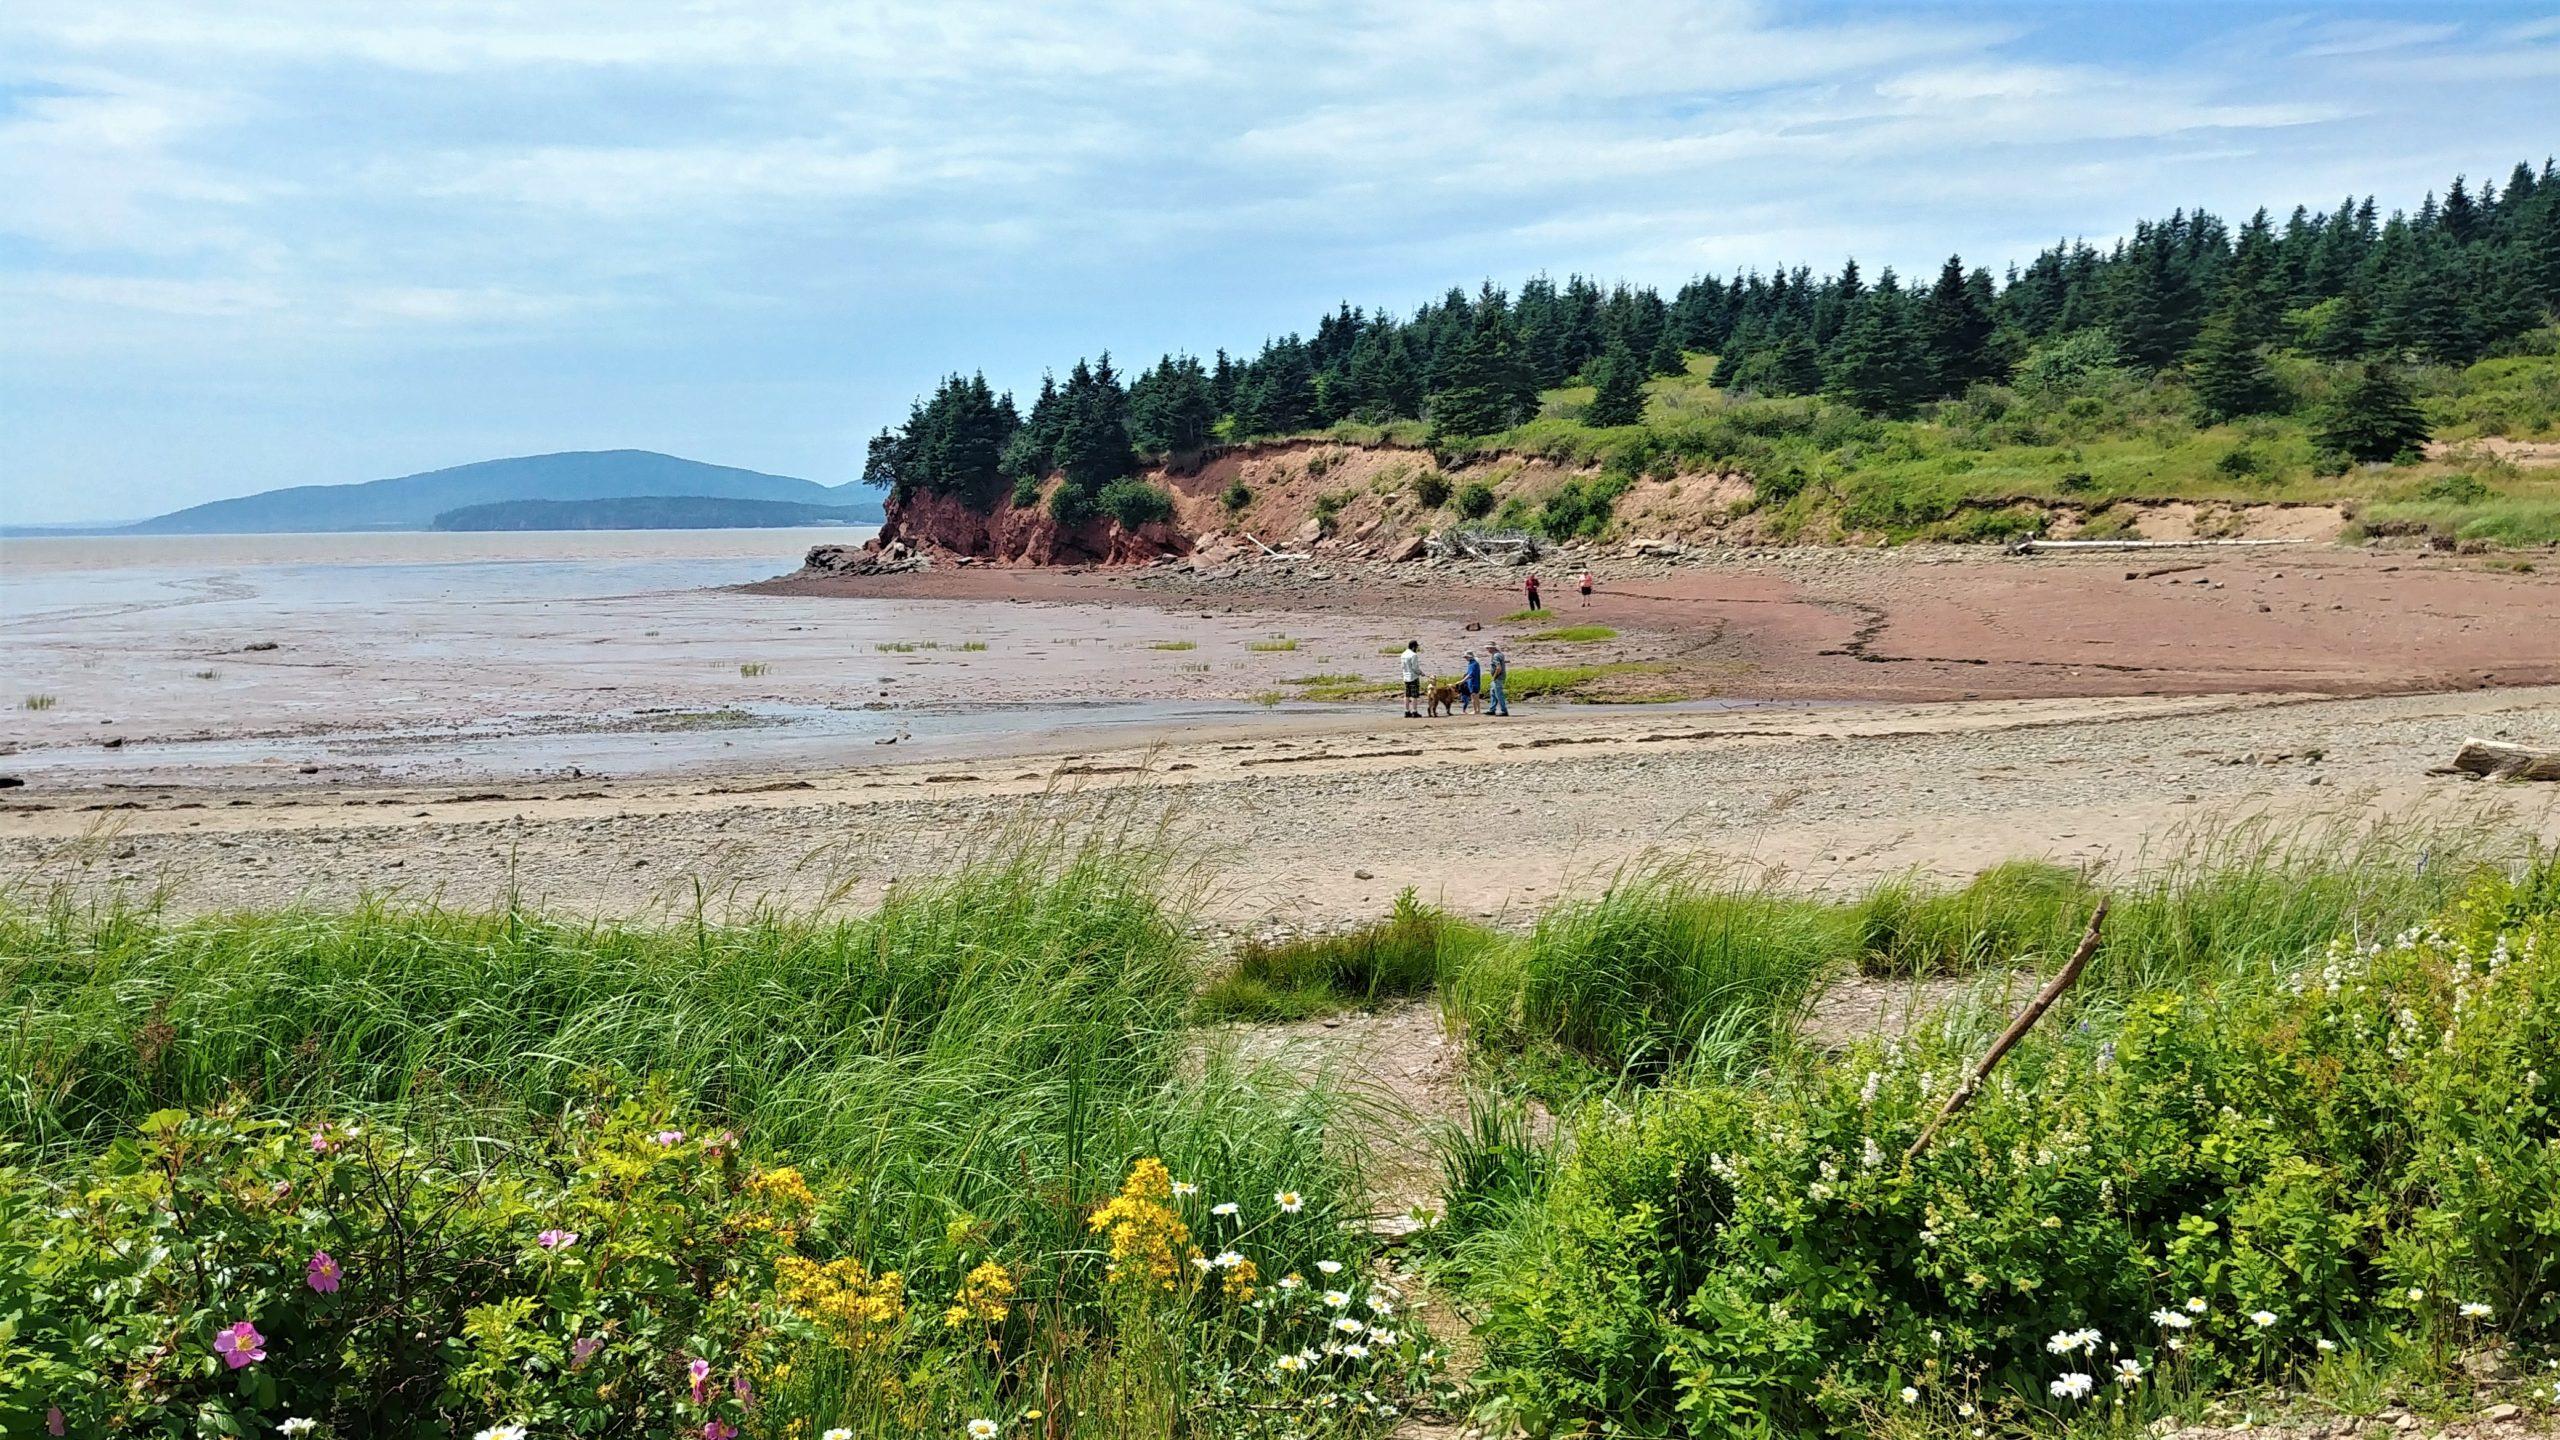 Dorchester Cape falaises plage à voir près de Sackville Nouveau-Brunswick